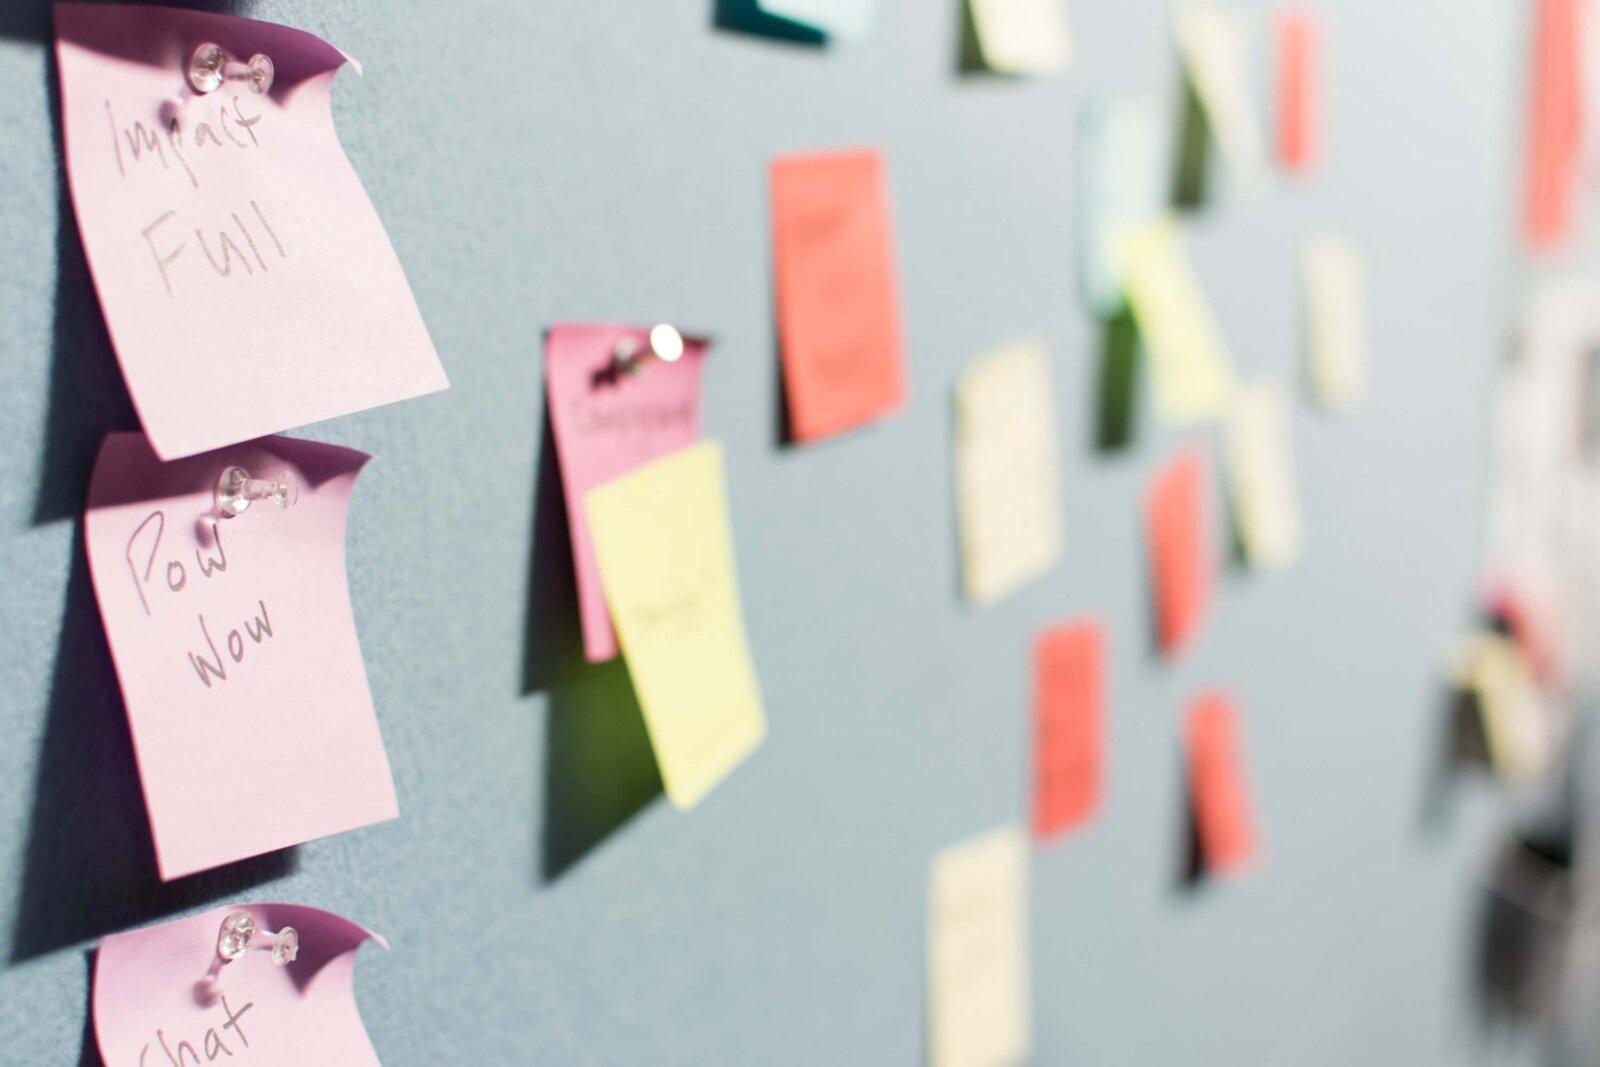 Как найти идею для бизнеса: самостоятельно + быстро